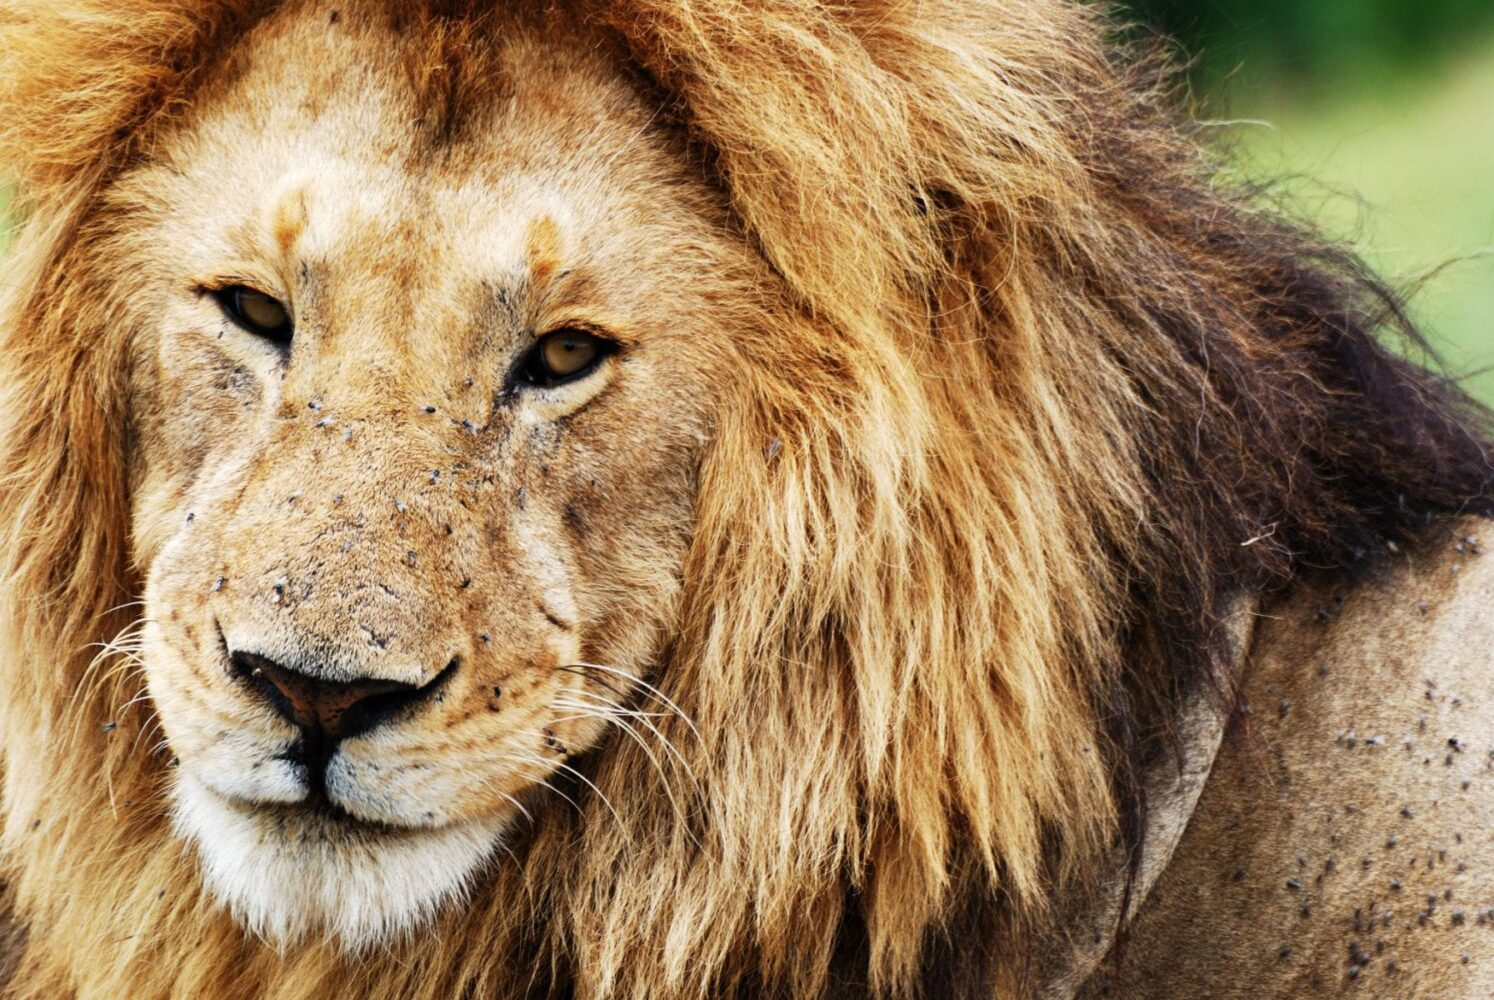 på safari i Kenya, i Masai Mara kan du se en lejonhane nära som på bilden